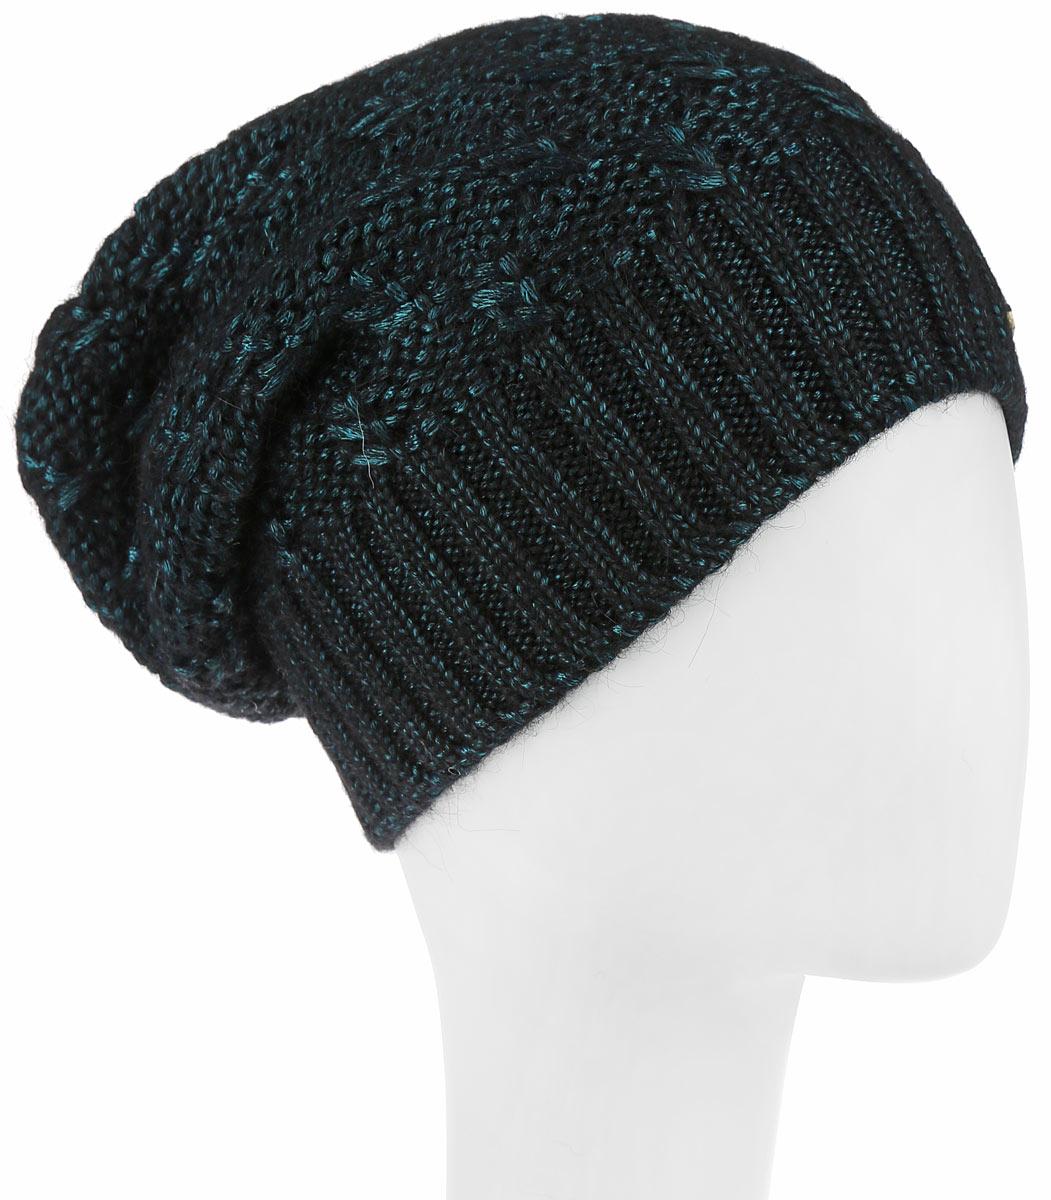 Шапка женская Dispacci, цвет: черный, темно-бирюзовый. 21104F. Размер универсальный21104FСтильная женская шапка Dispacci, изготовленная из мягкой пряжи смешанного состава, она обладает хорошими дышащими свойствами и хорошо удерживает тепло. Элегантная шапка оформлена крупной вязкой с узорами по низу выполнена вязаной резинкой. Практичная форма шапки делает ее очень комфортной, а маленькая аккуратная металлическая пластина с названием бренда подчеркивает ее оригинальность.